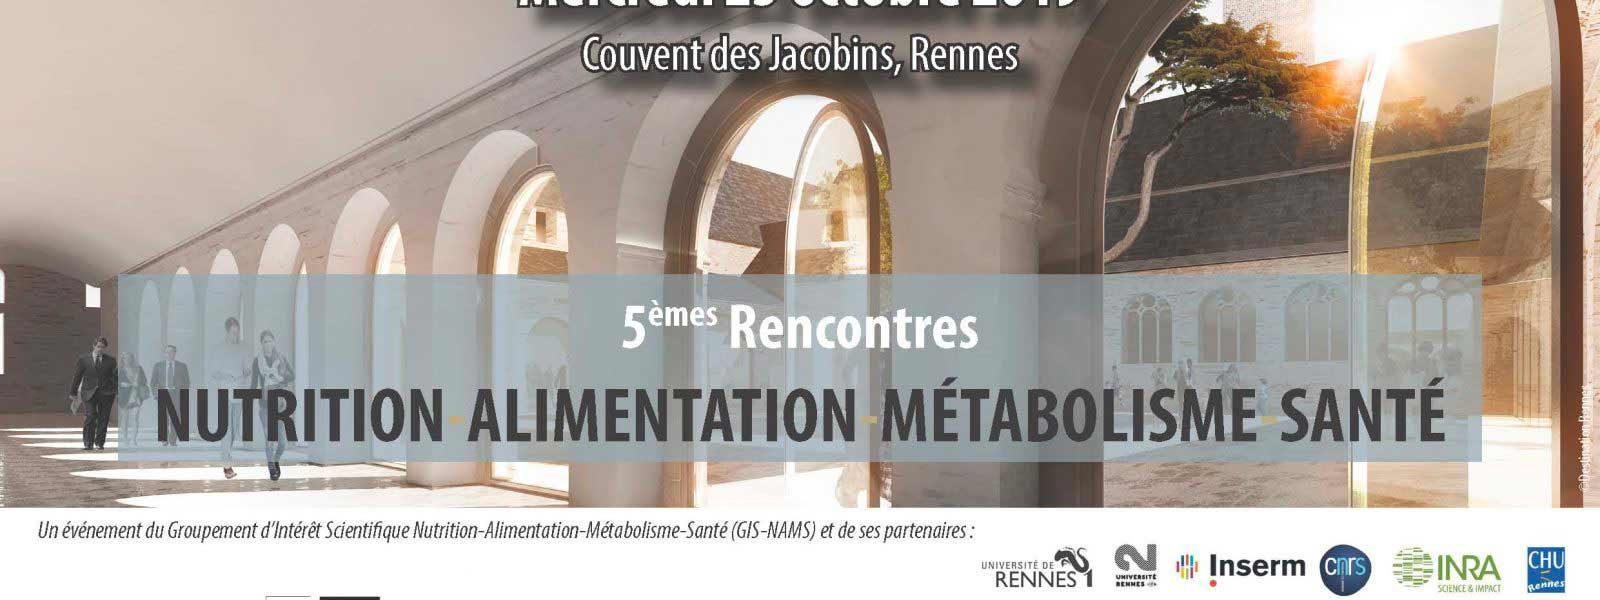 5èmes Rencontres Nutrition Alimentation Métabolisme Santé